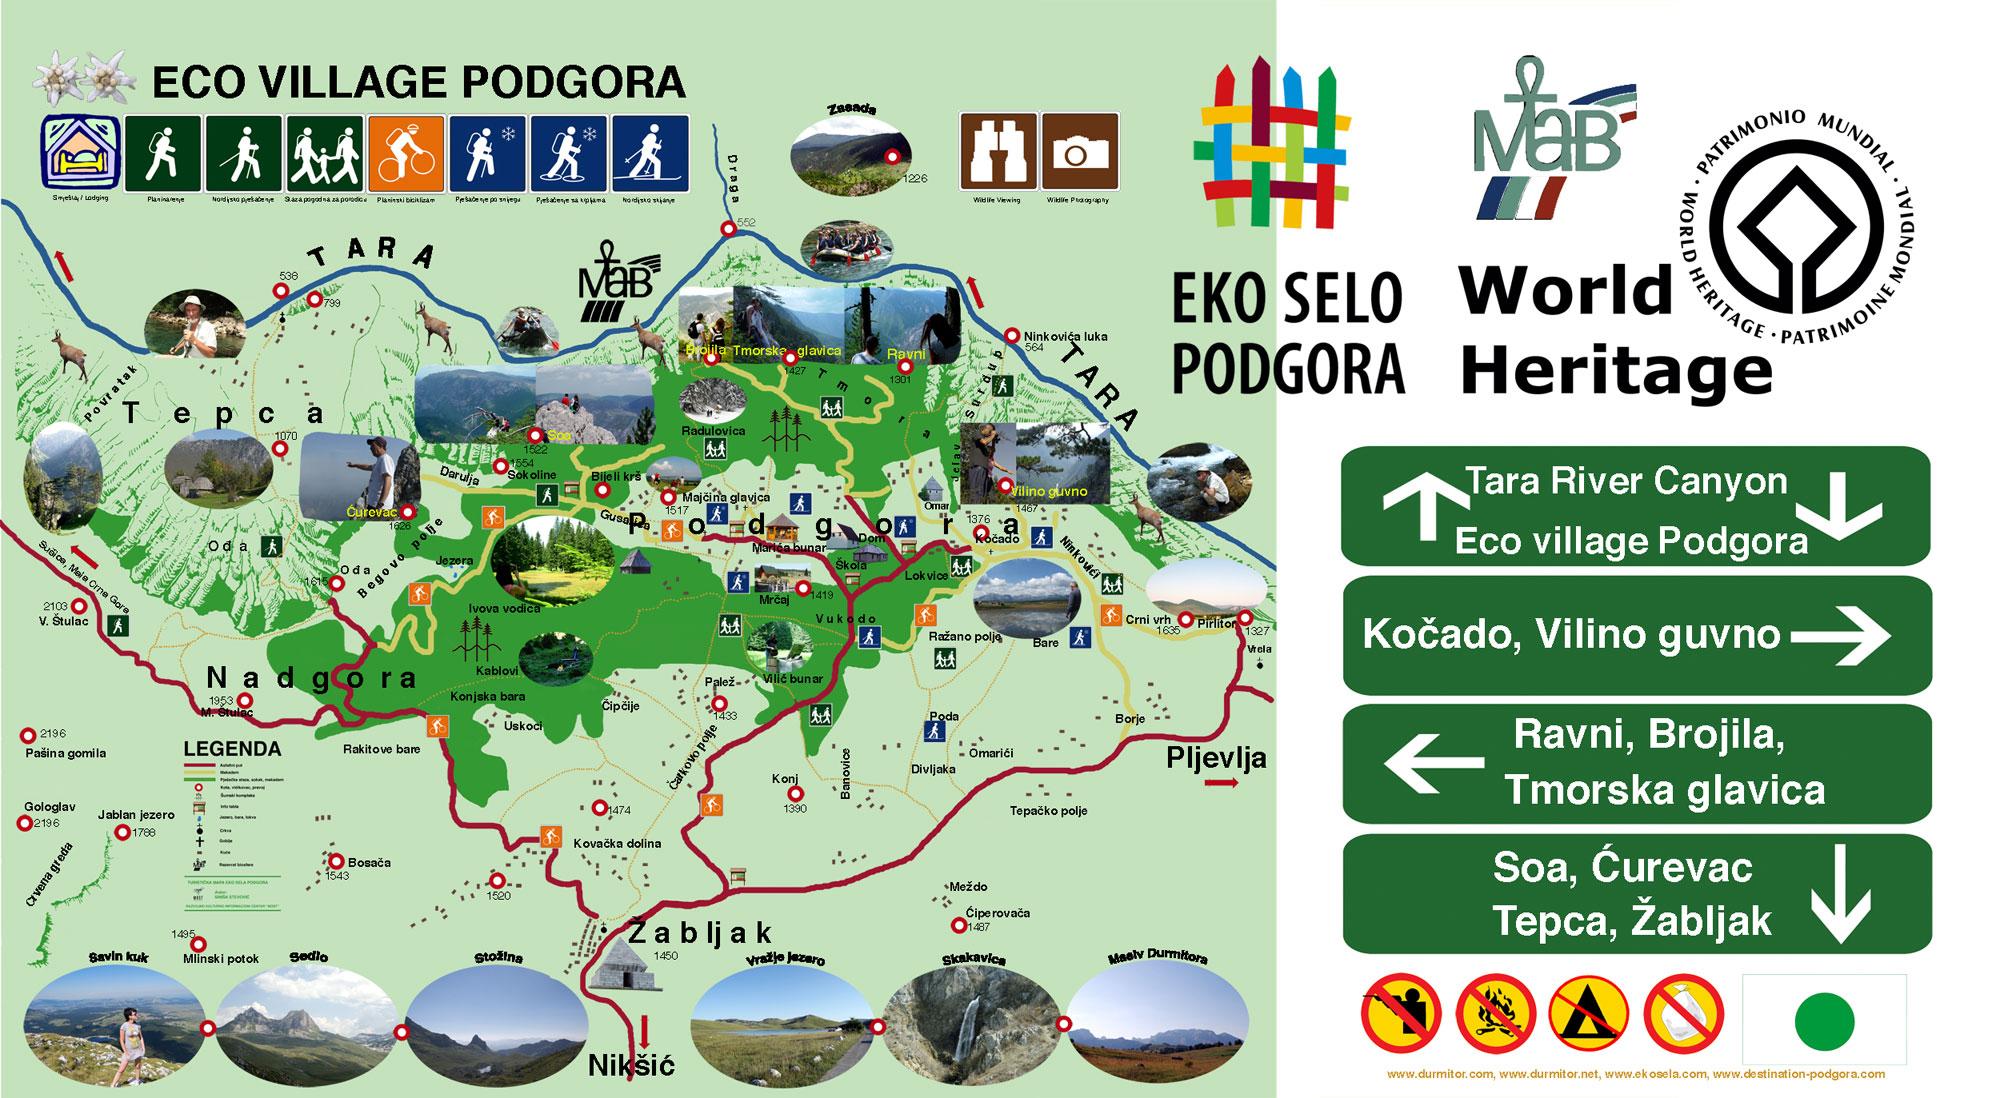 Medjunarodna mreža eko sela – Podgora